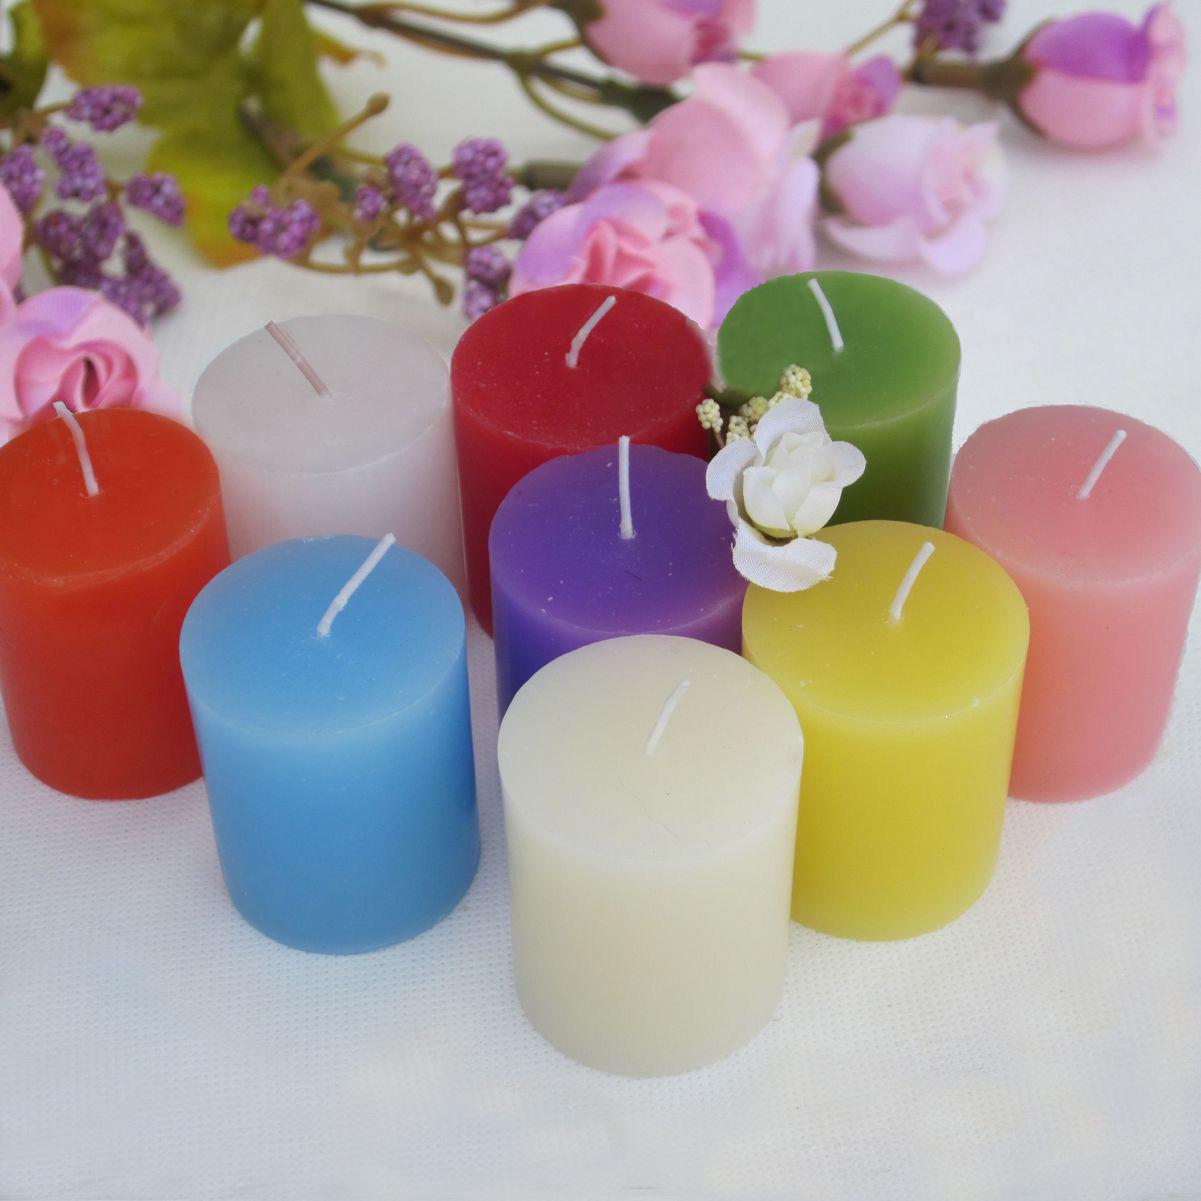 齐家百科 软装百科 饰品 香味蜡烛    作为手工蜡烛的创始品牌-烛生活